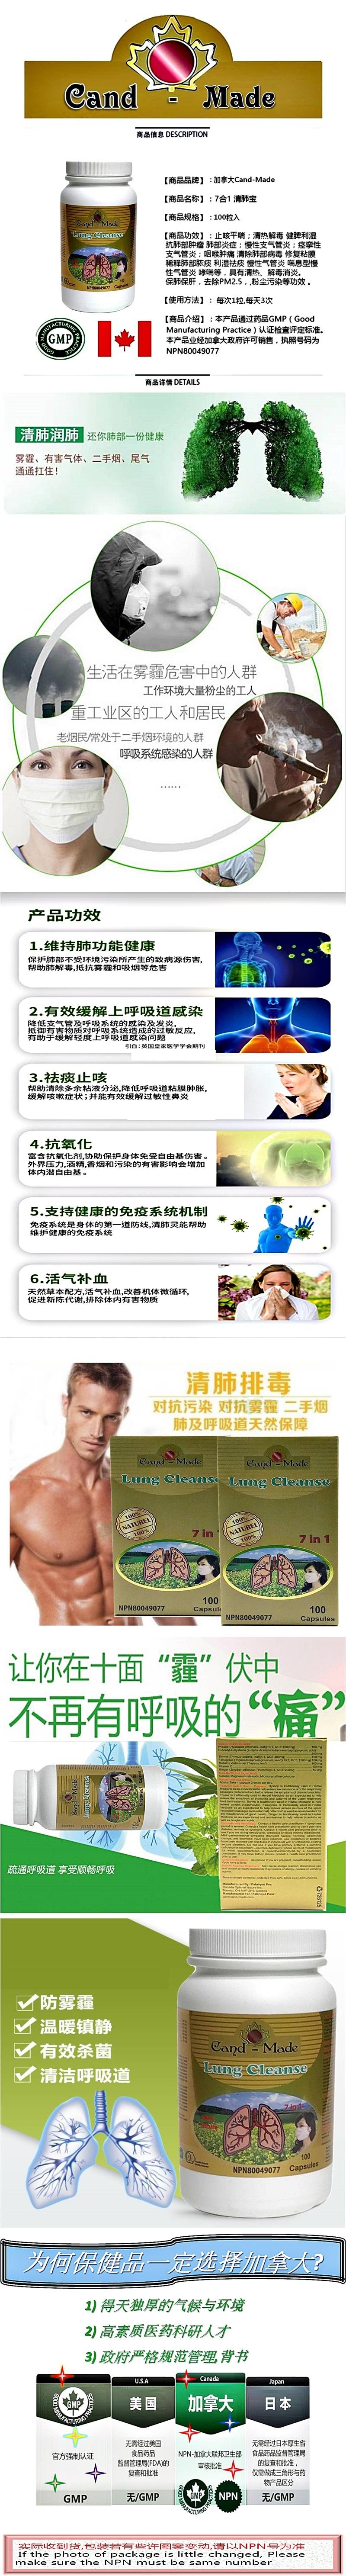 ecs014320new1-vert.jpg